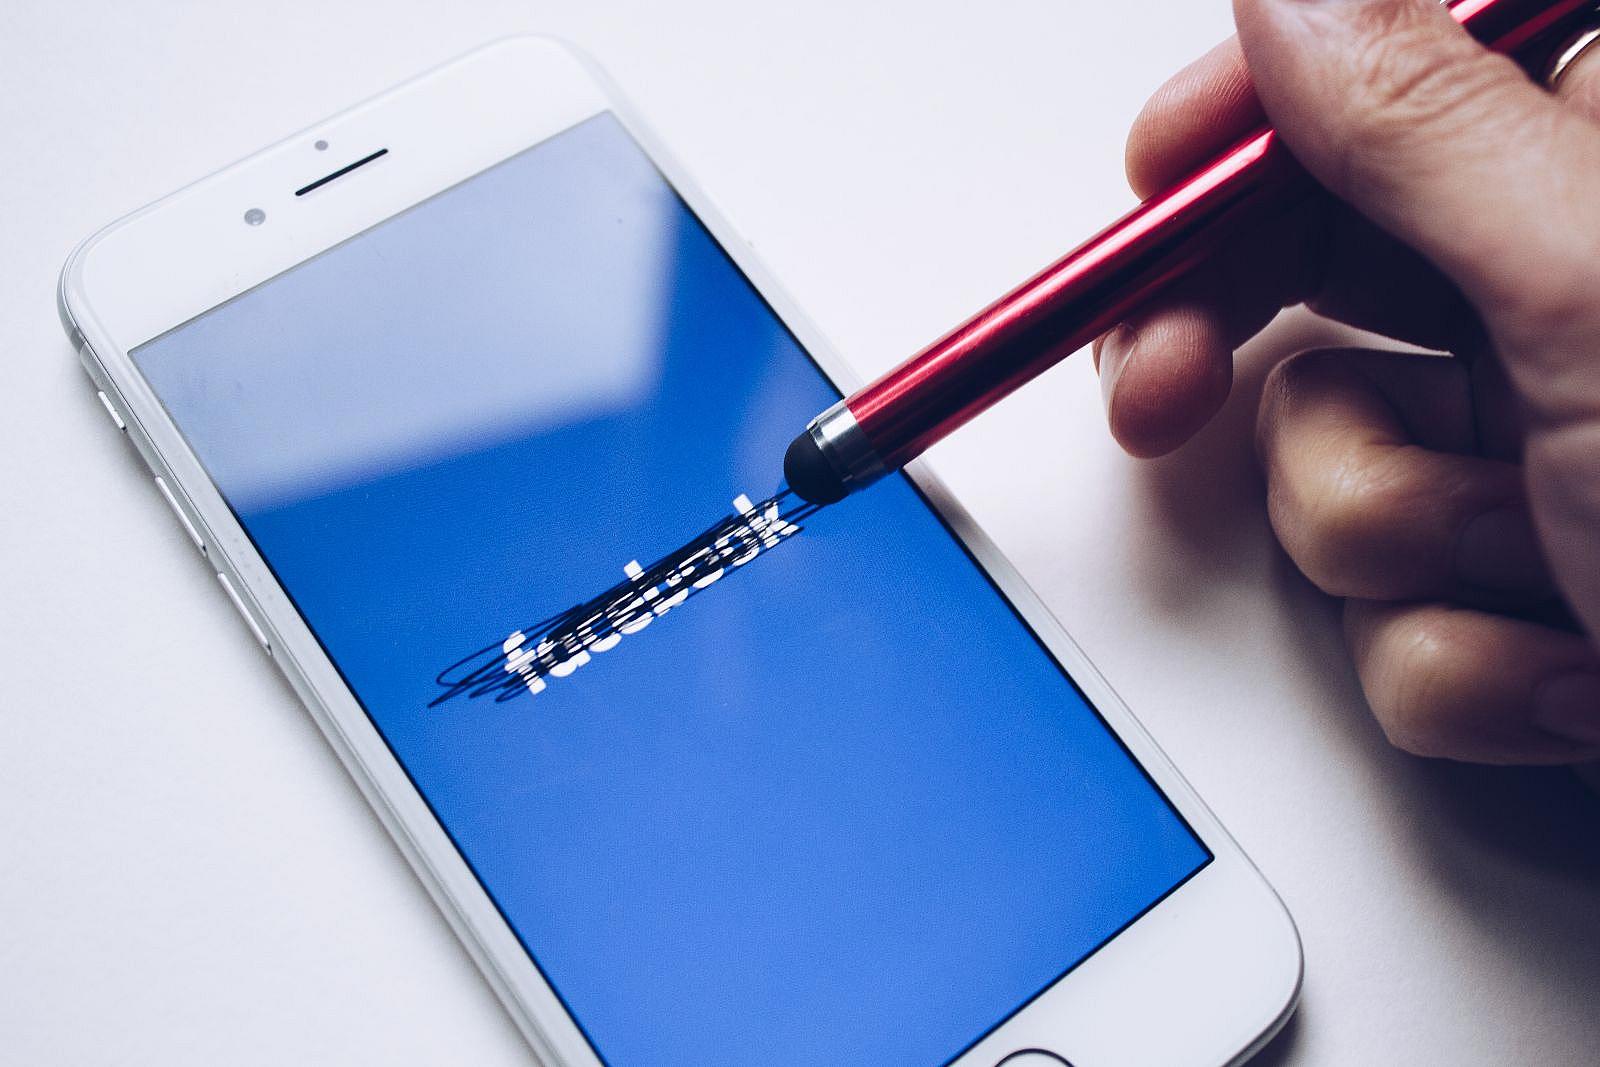 Ein Smartphone zeigt einen blauen Bildschirm mit Facebook-Logo. Mit einem Touch-Stift wurde das Logo durchgestrichen.